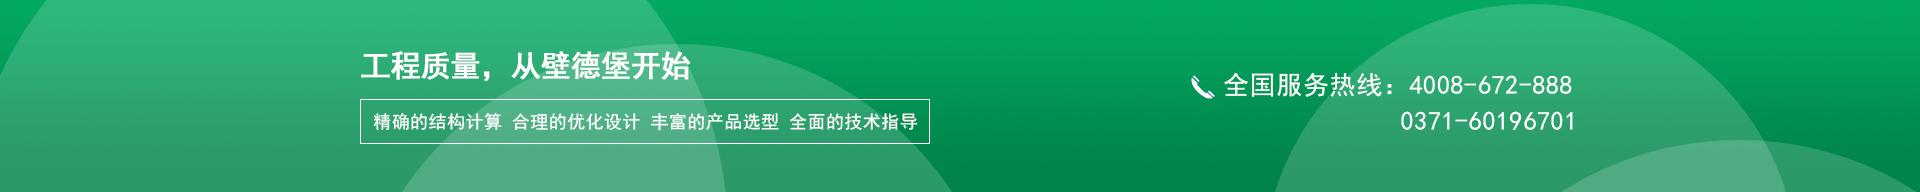 郑州万博maxbet客户端下载万博亚洲官方手机下载